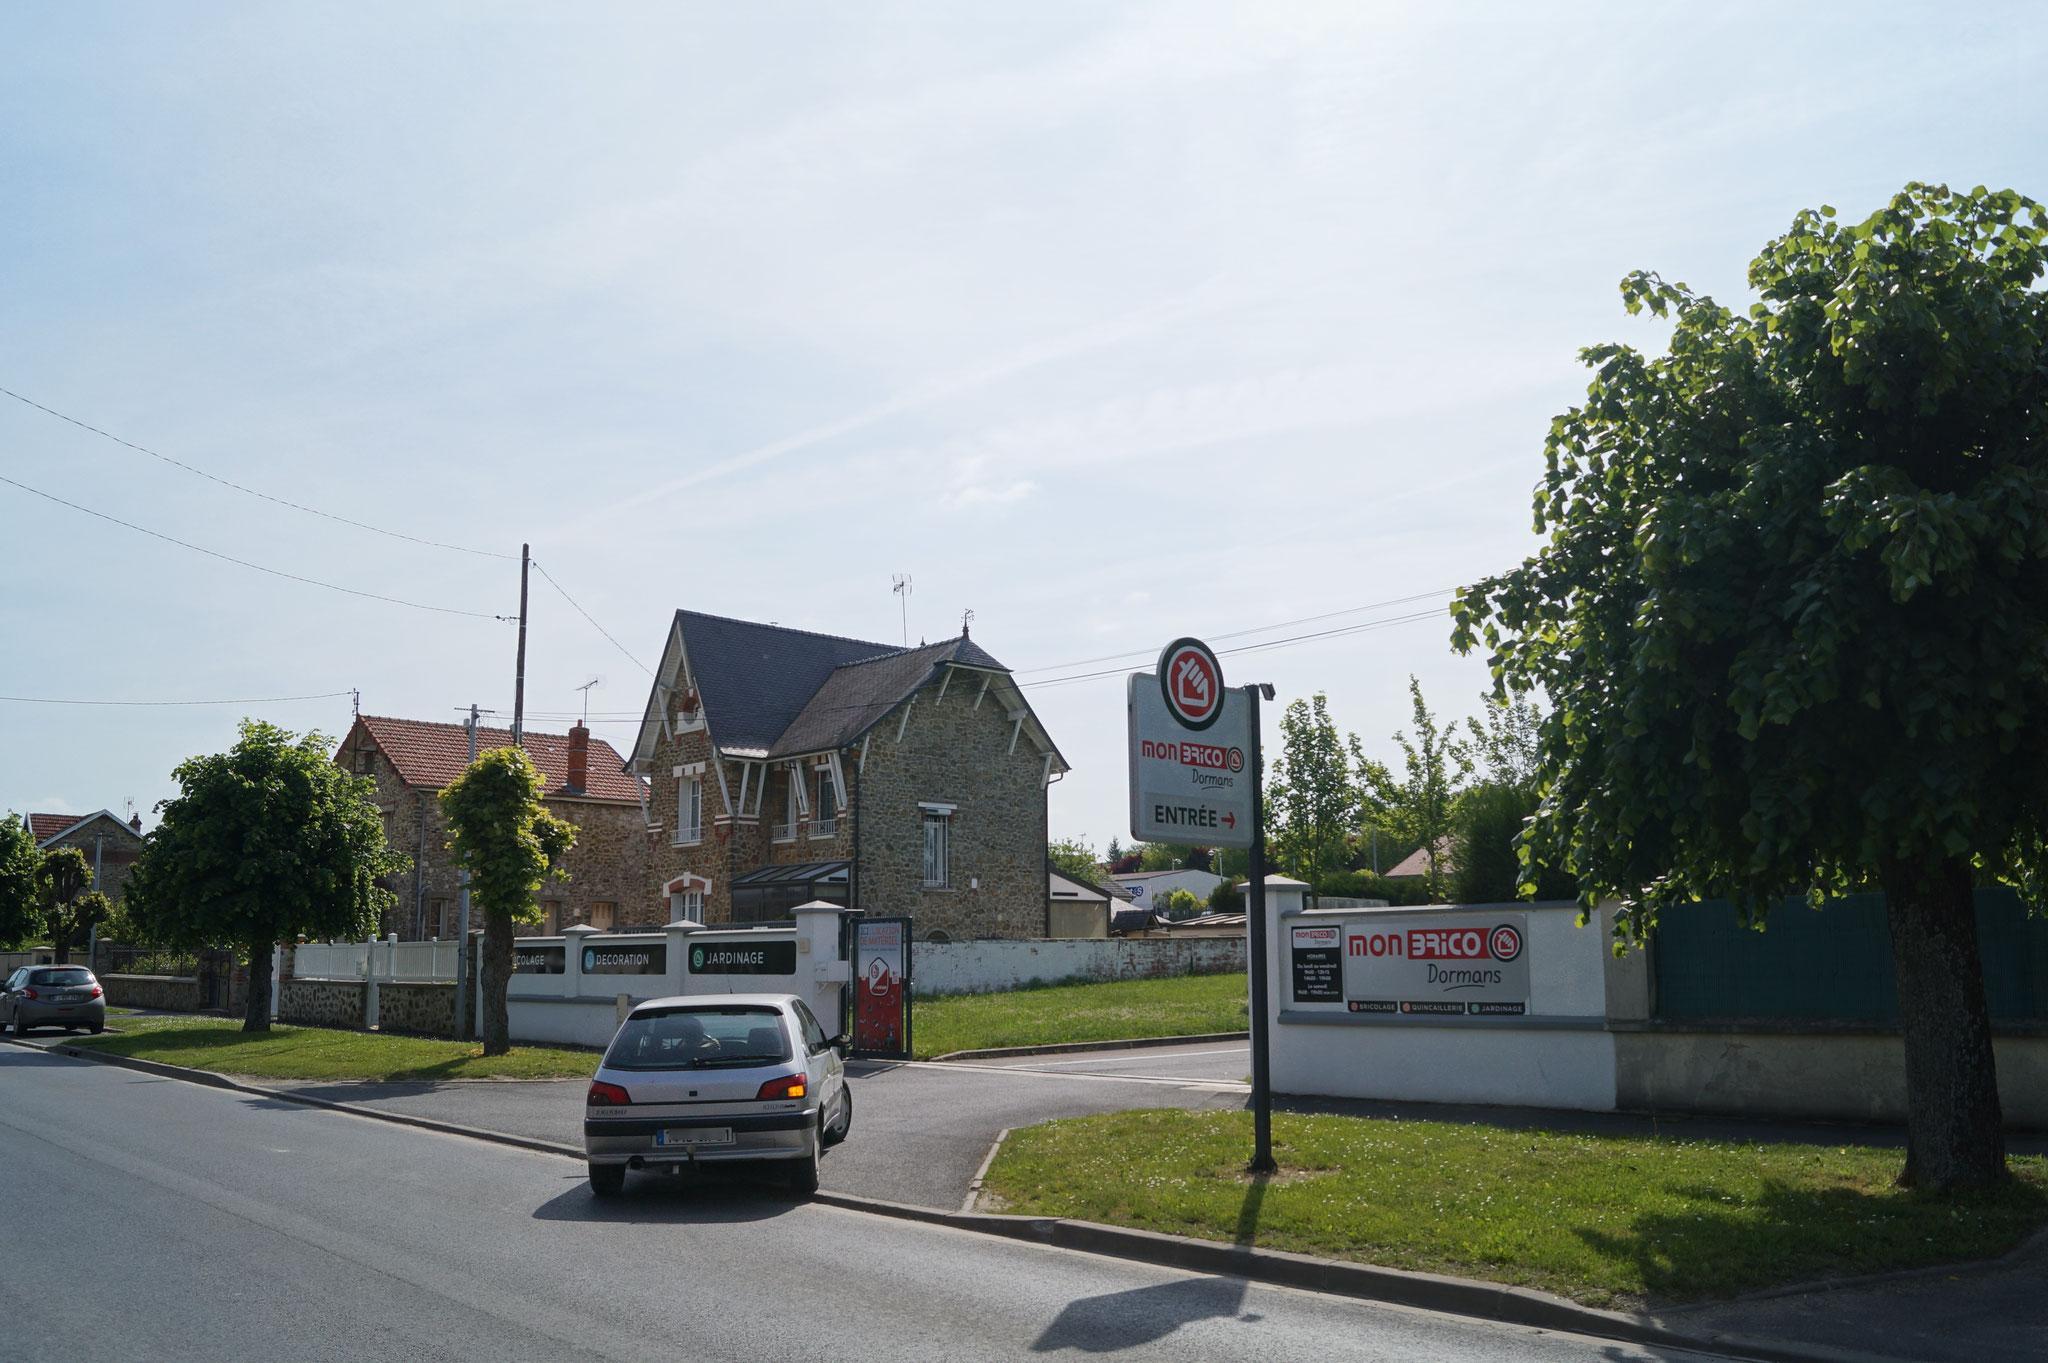 Mon Brico Dormans est situé au 26 rue du Docteur Moret à Dormans (51).